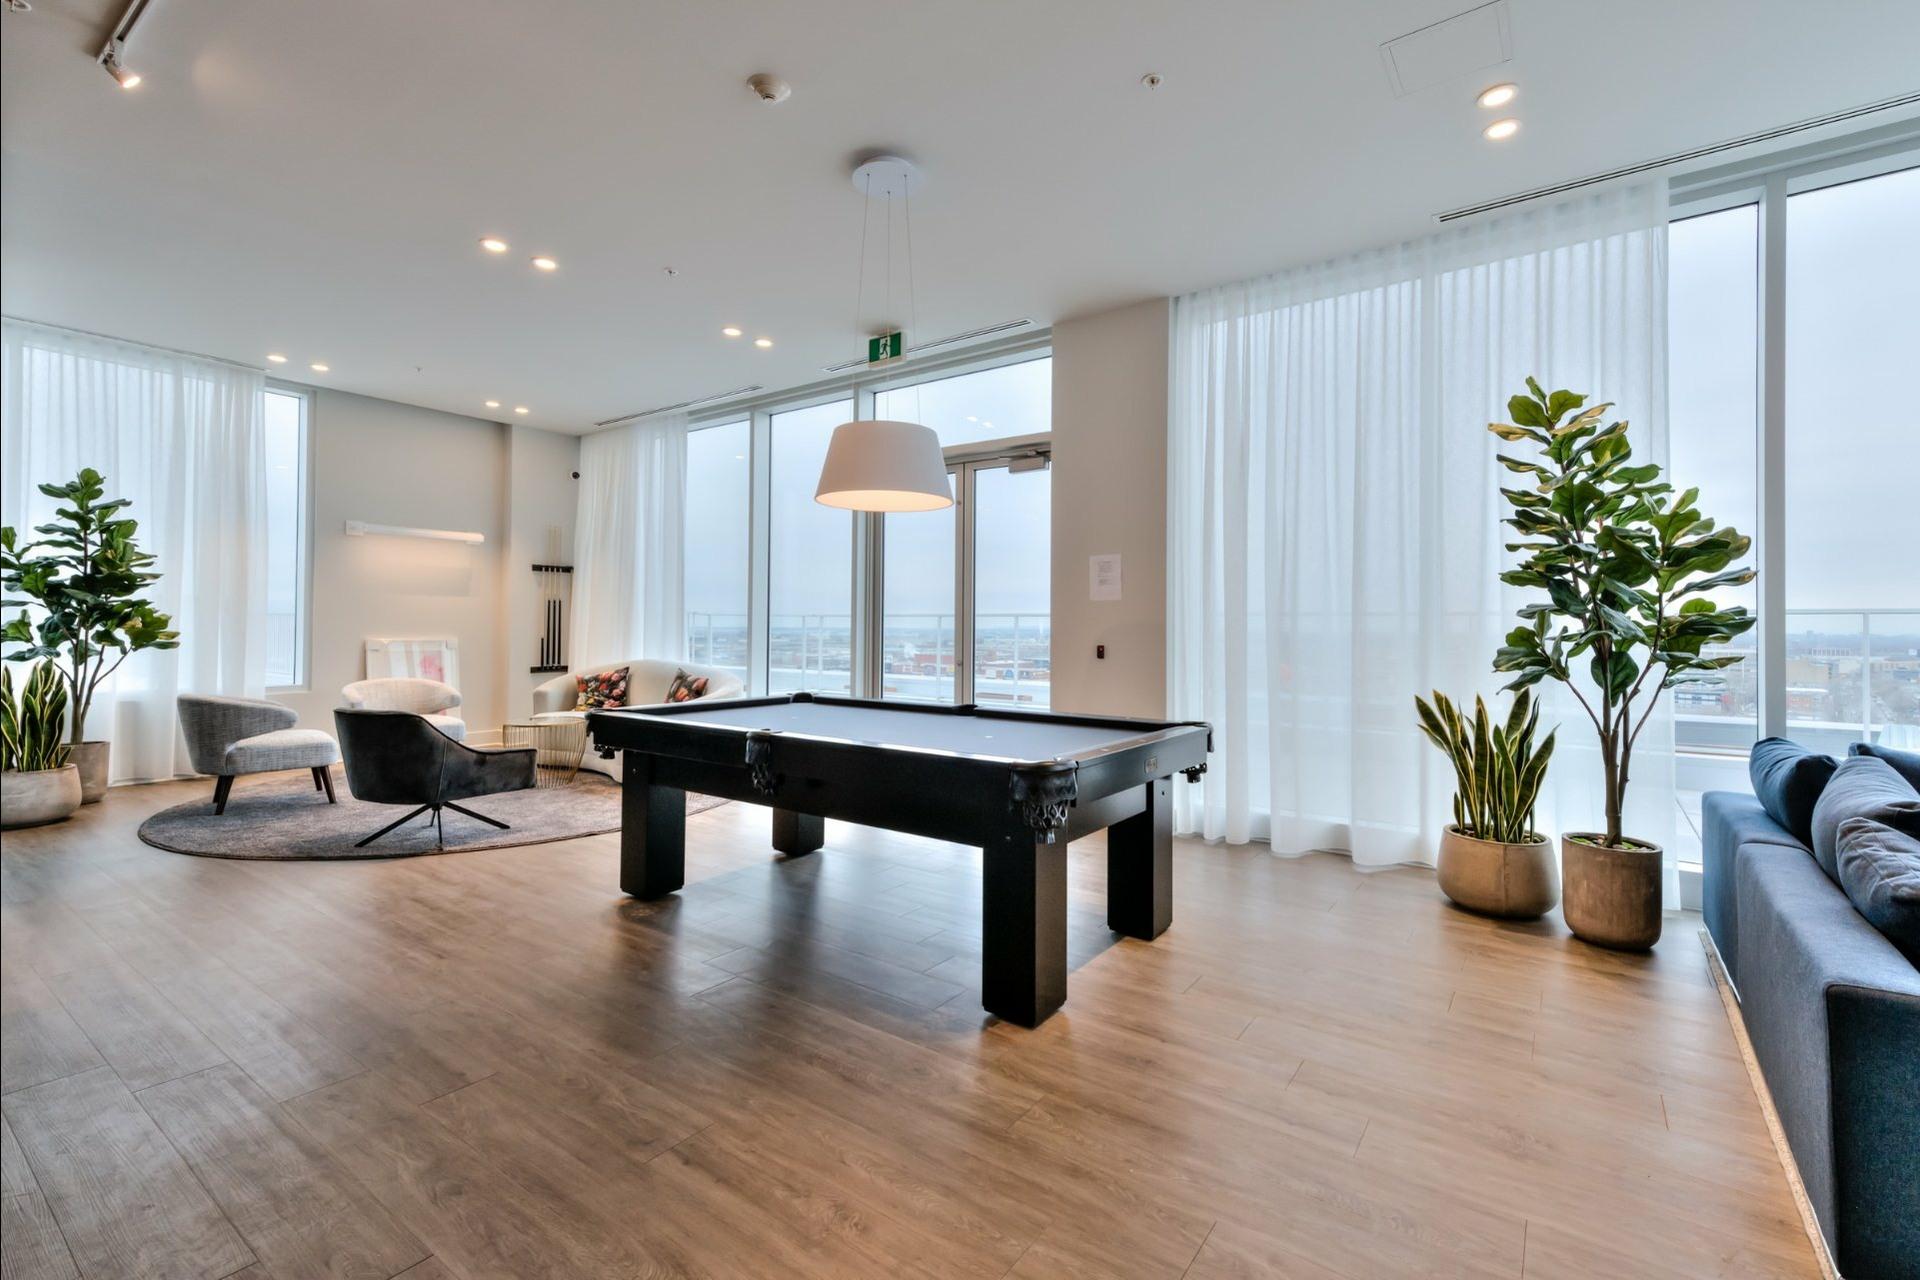 image 20 - 公寓 出售 Côte-des-Neiges/Notre-Dame-de-Grâce Montréal  - 4 室